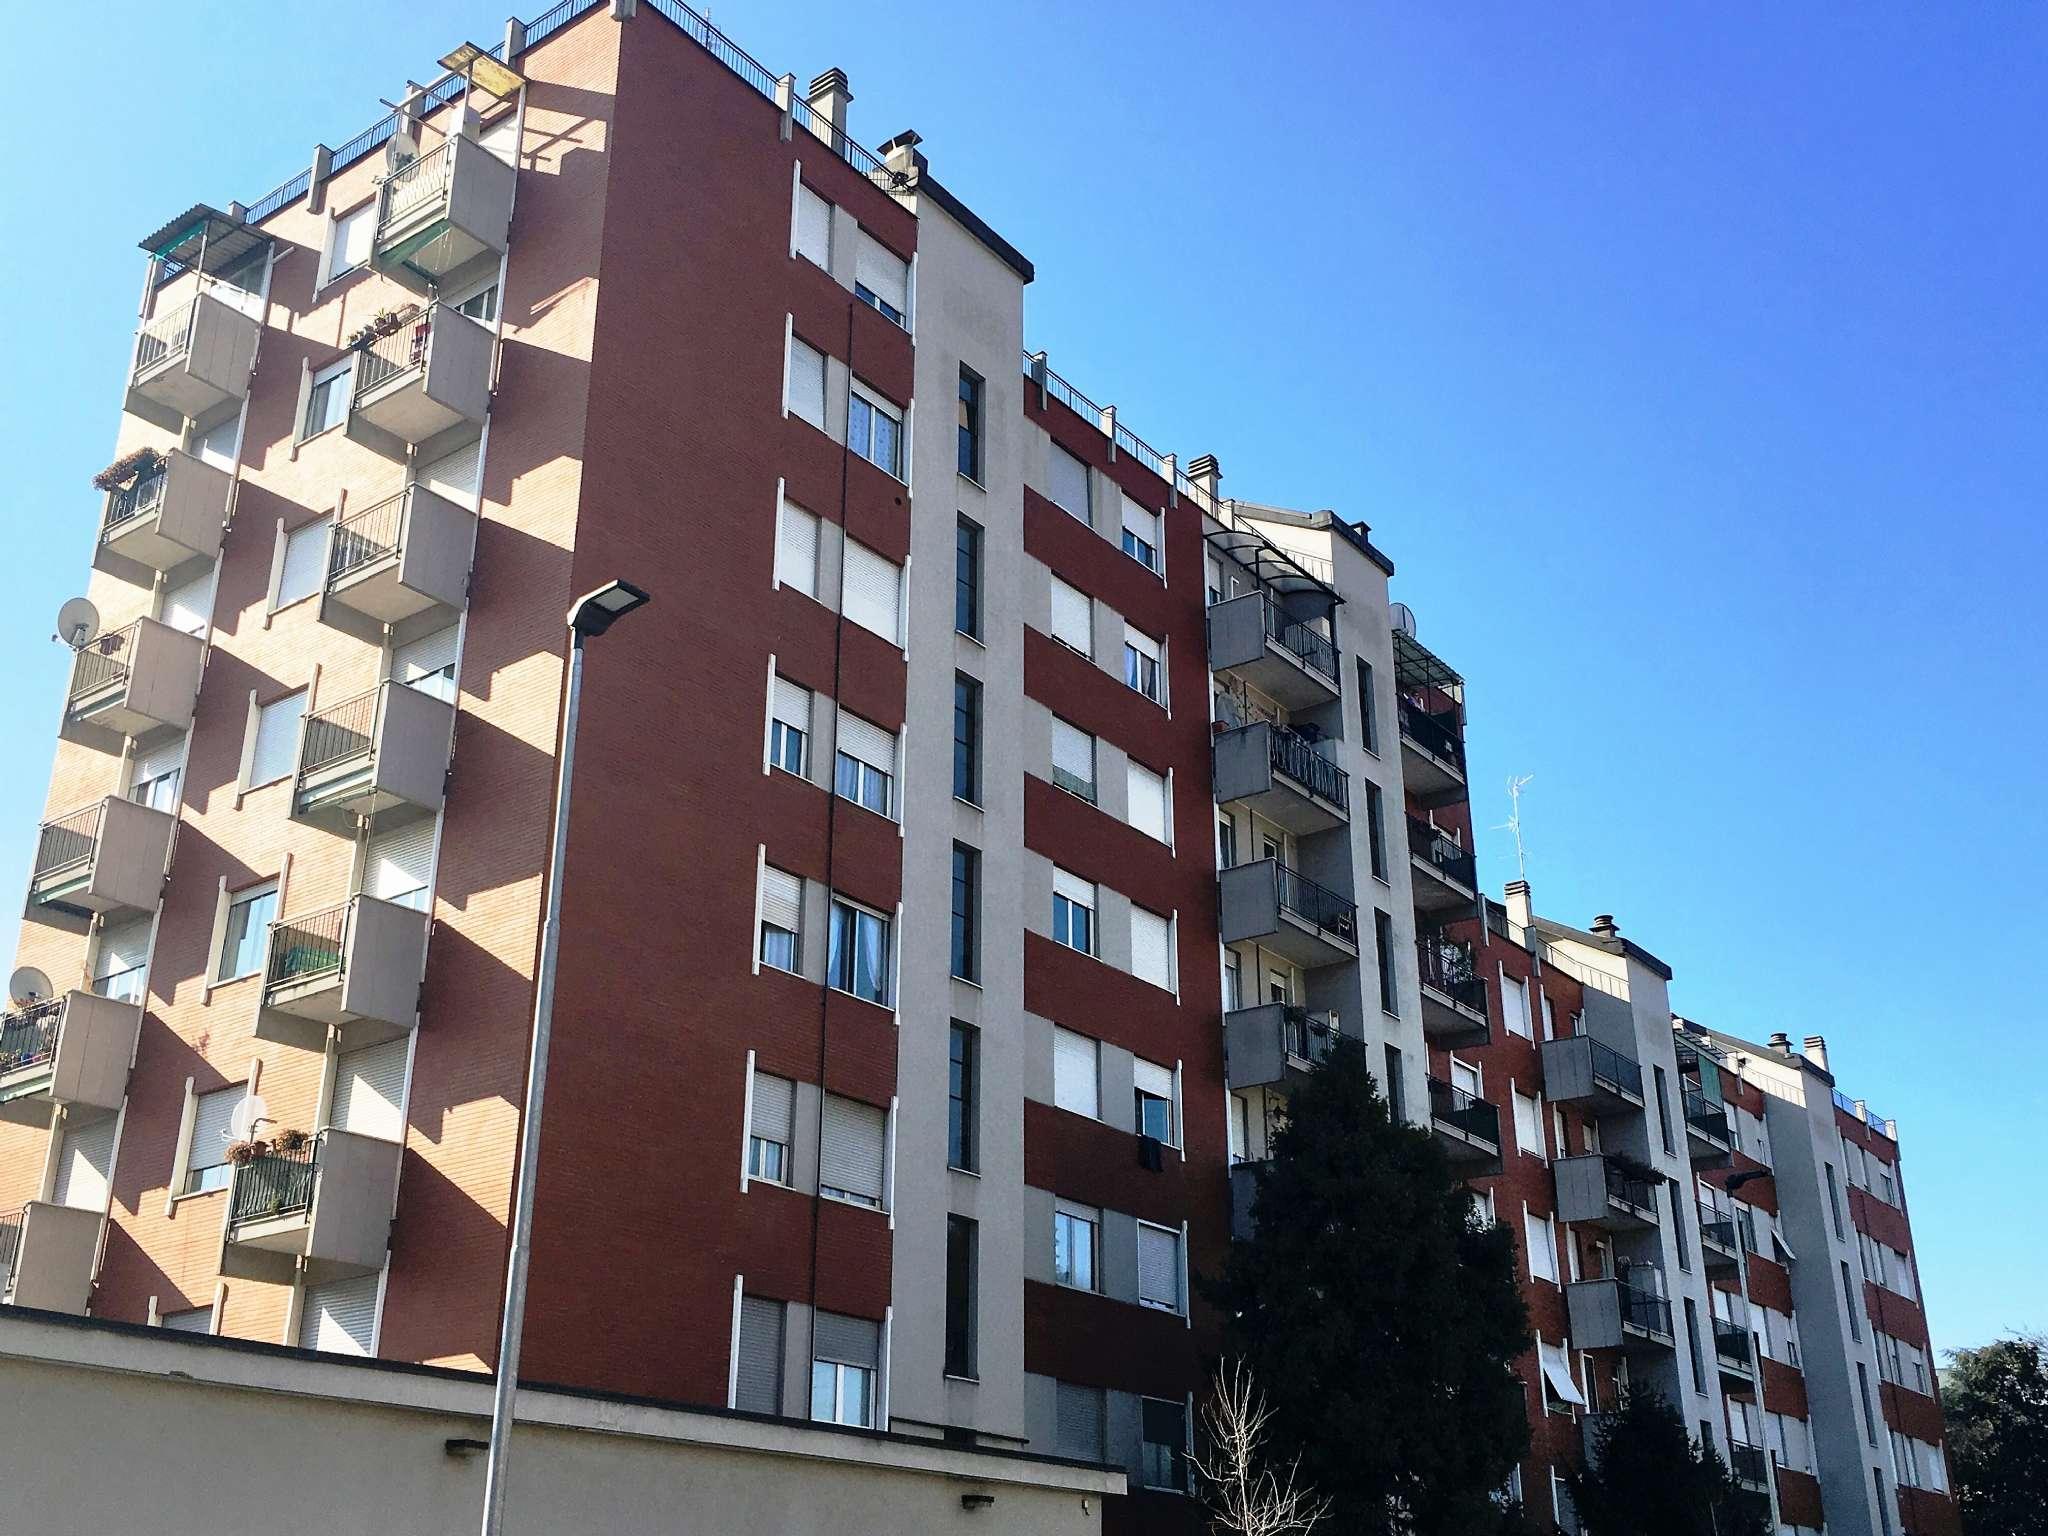 Appartamento in vendita a Bresso, 2 locali, prezzo € 125.000   PortaleAgenzieImmobiliari.it